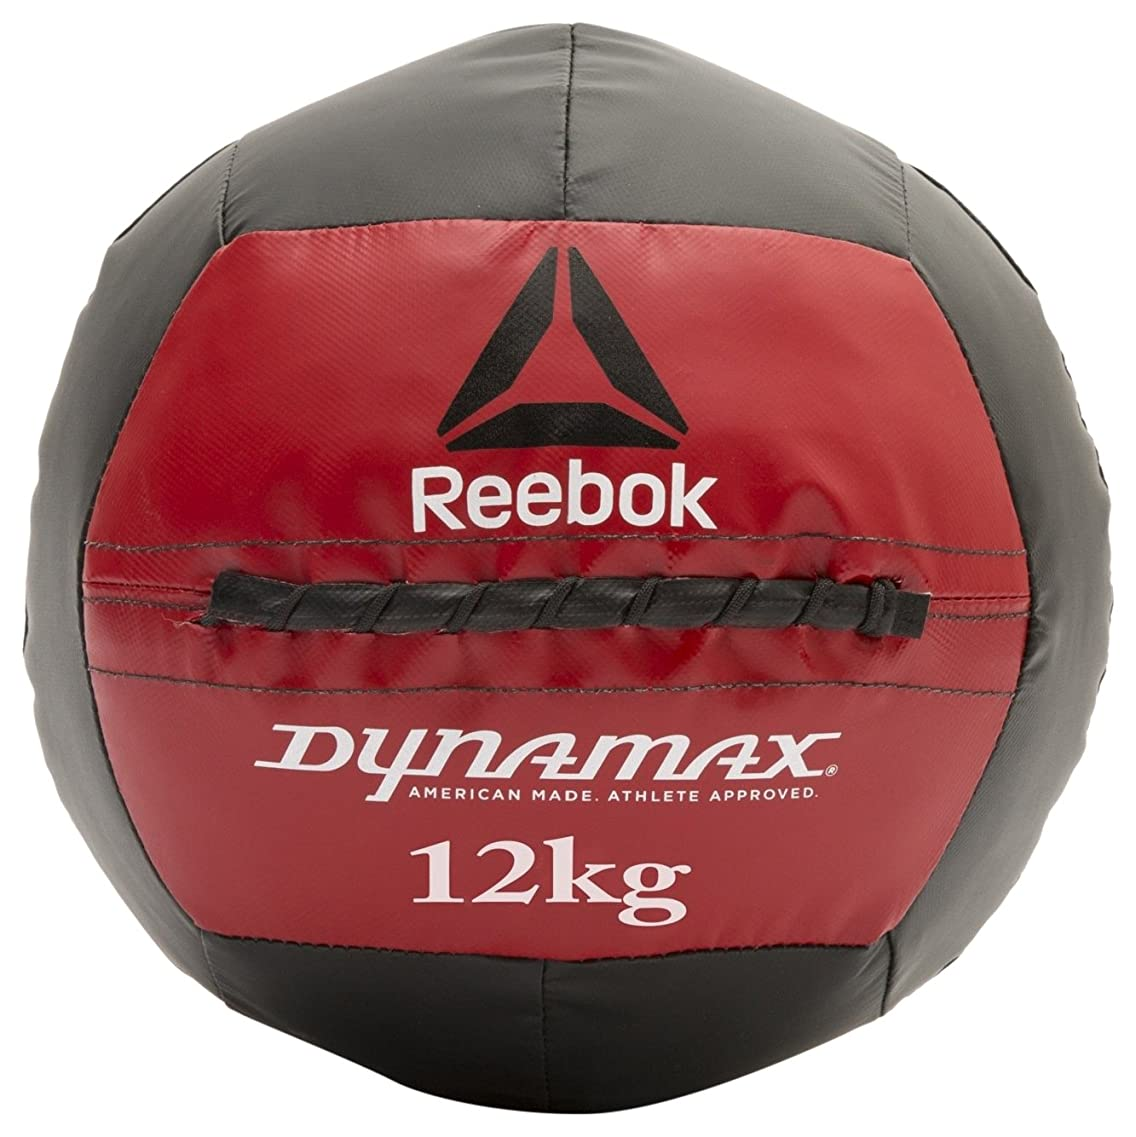 渦モットーエールReebok(リーボック) ファンクショナル Reebok Dynamax? メディシンボール Medicine Ball - 11kg 筋トレ RSB-10171